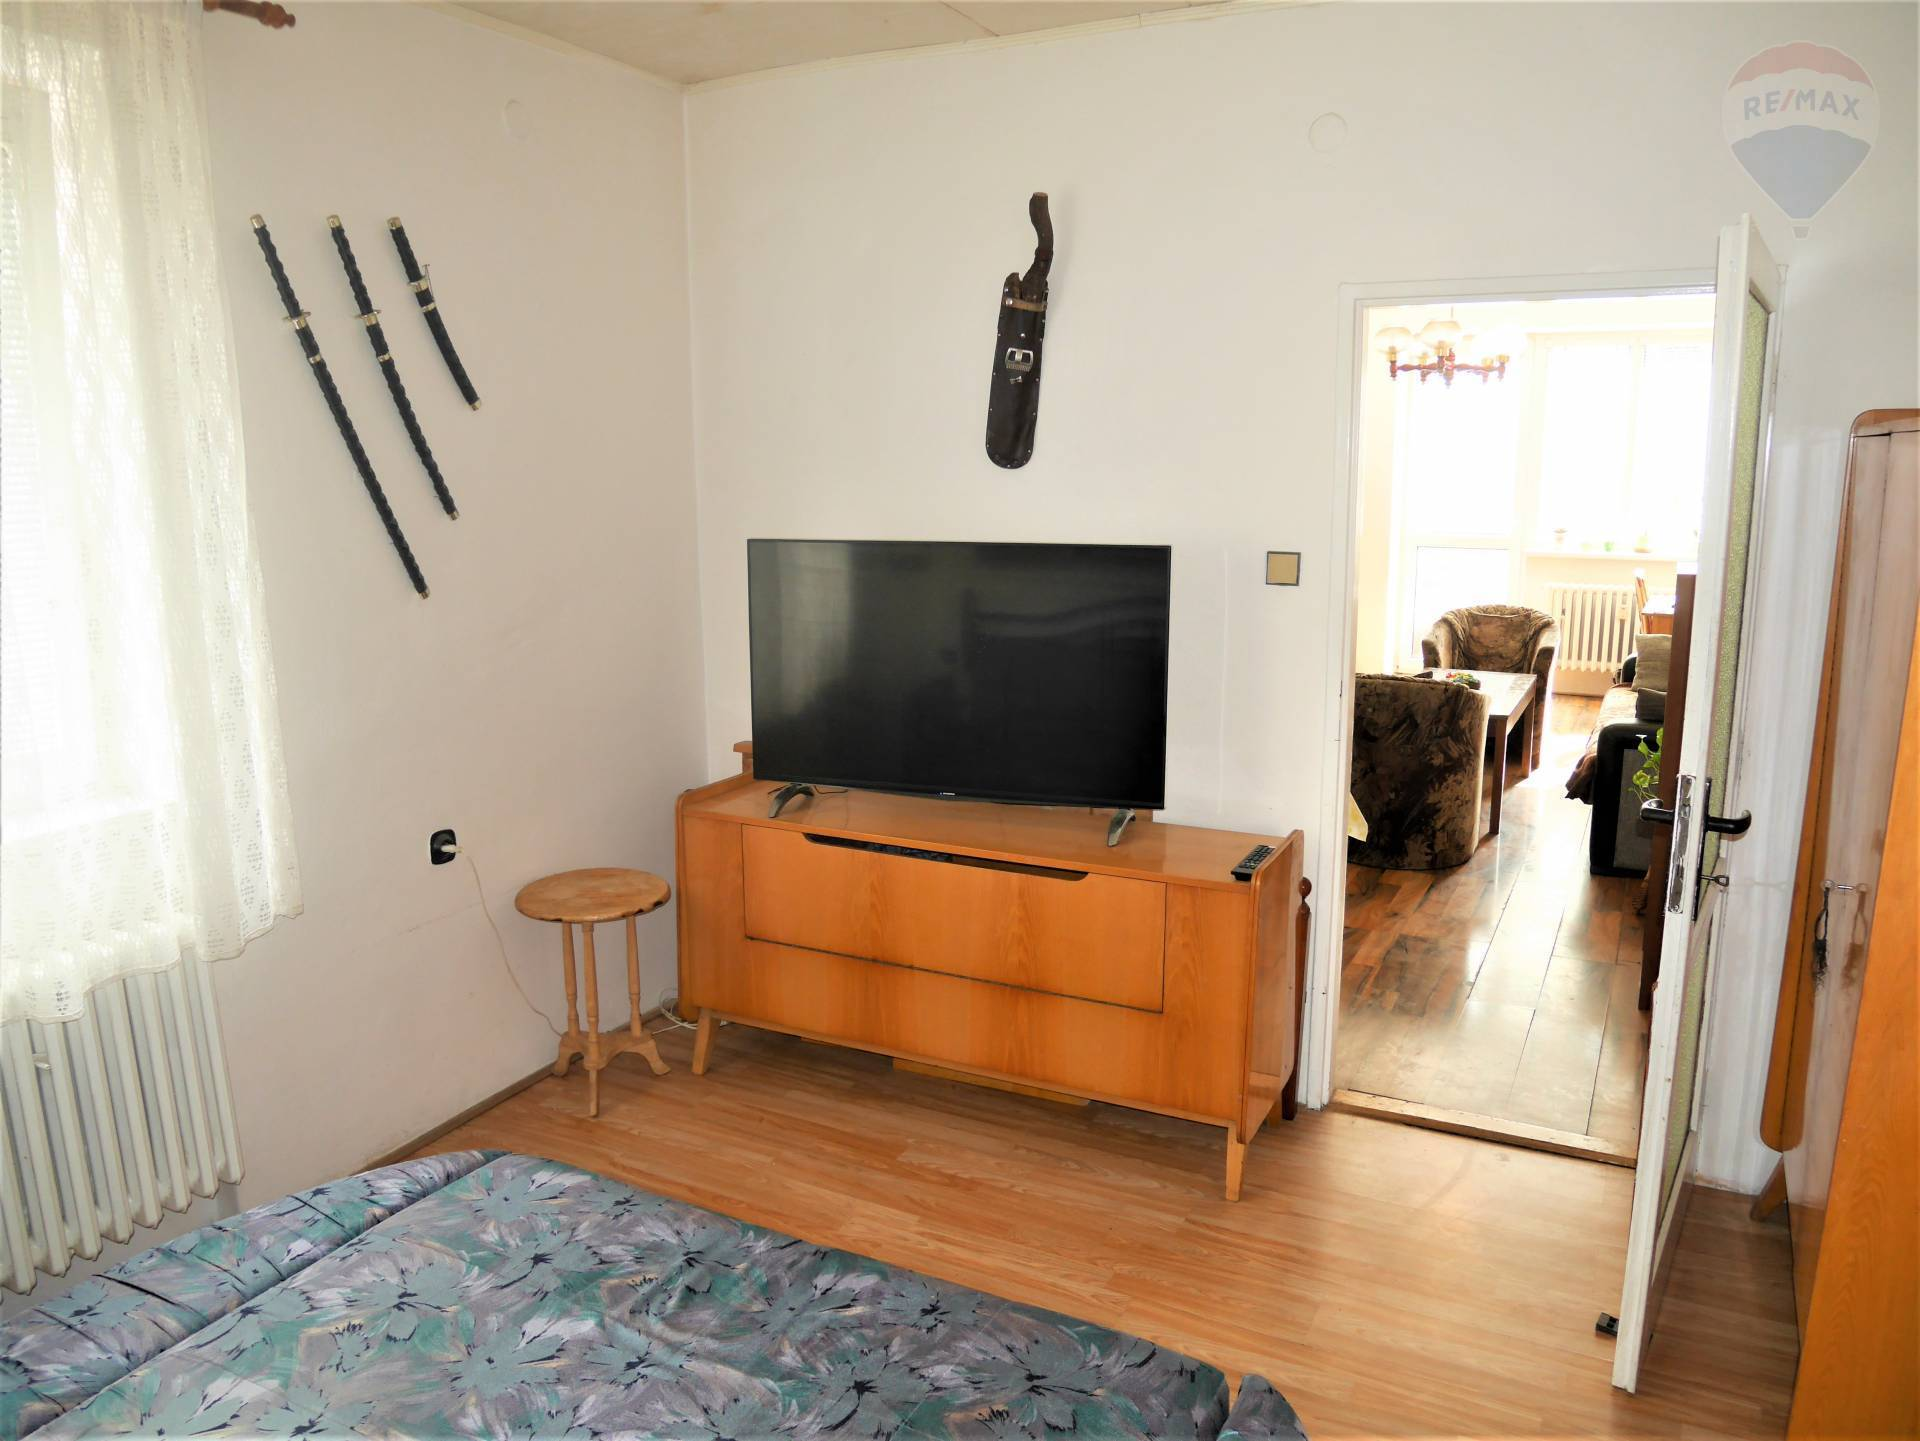 NOVINKA!!! 3 izbový byt, 70m2, balkón, centrum ul. M.Mišíka, Prievidza